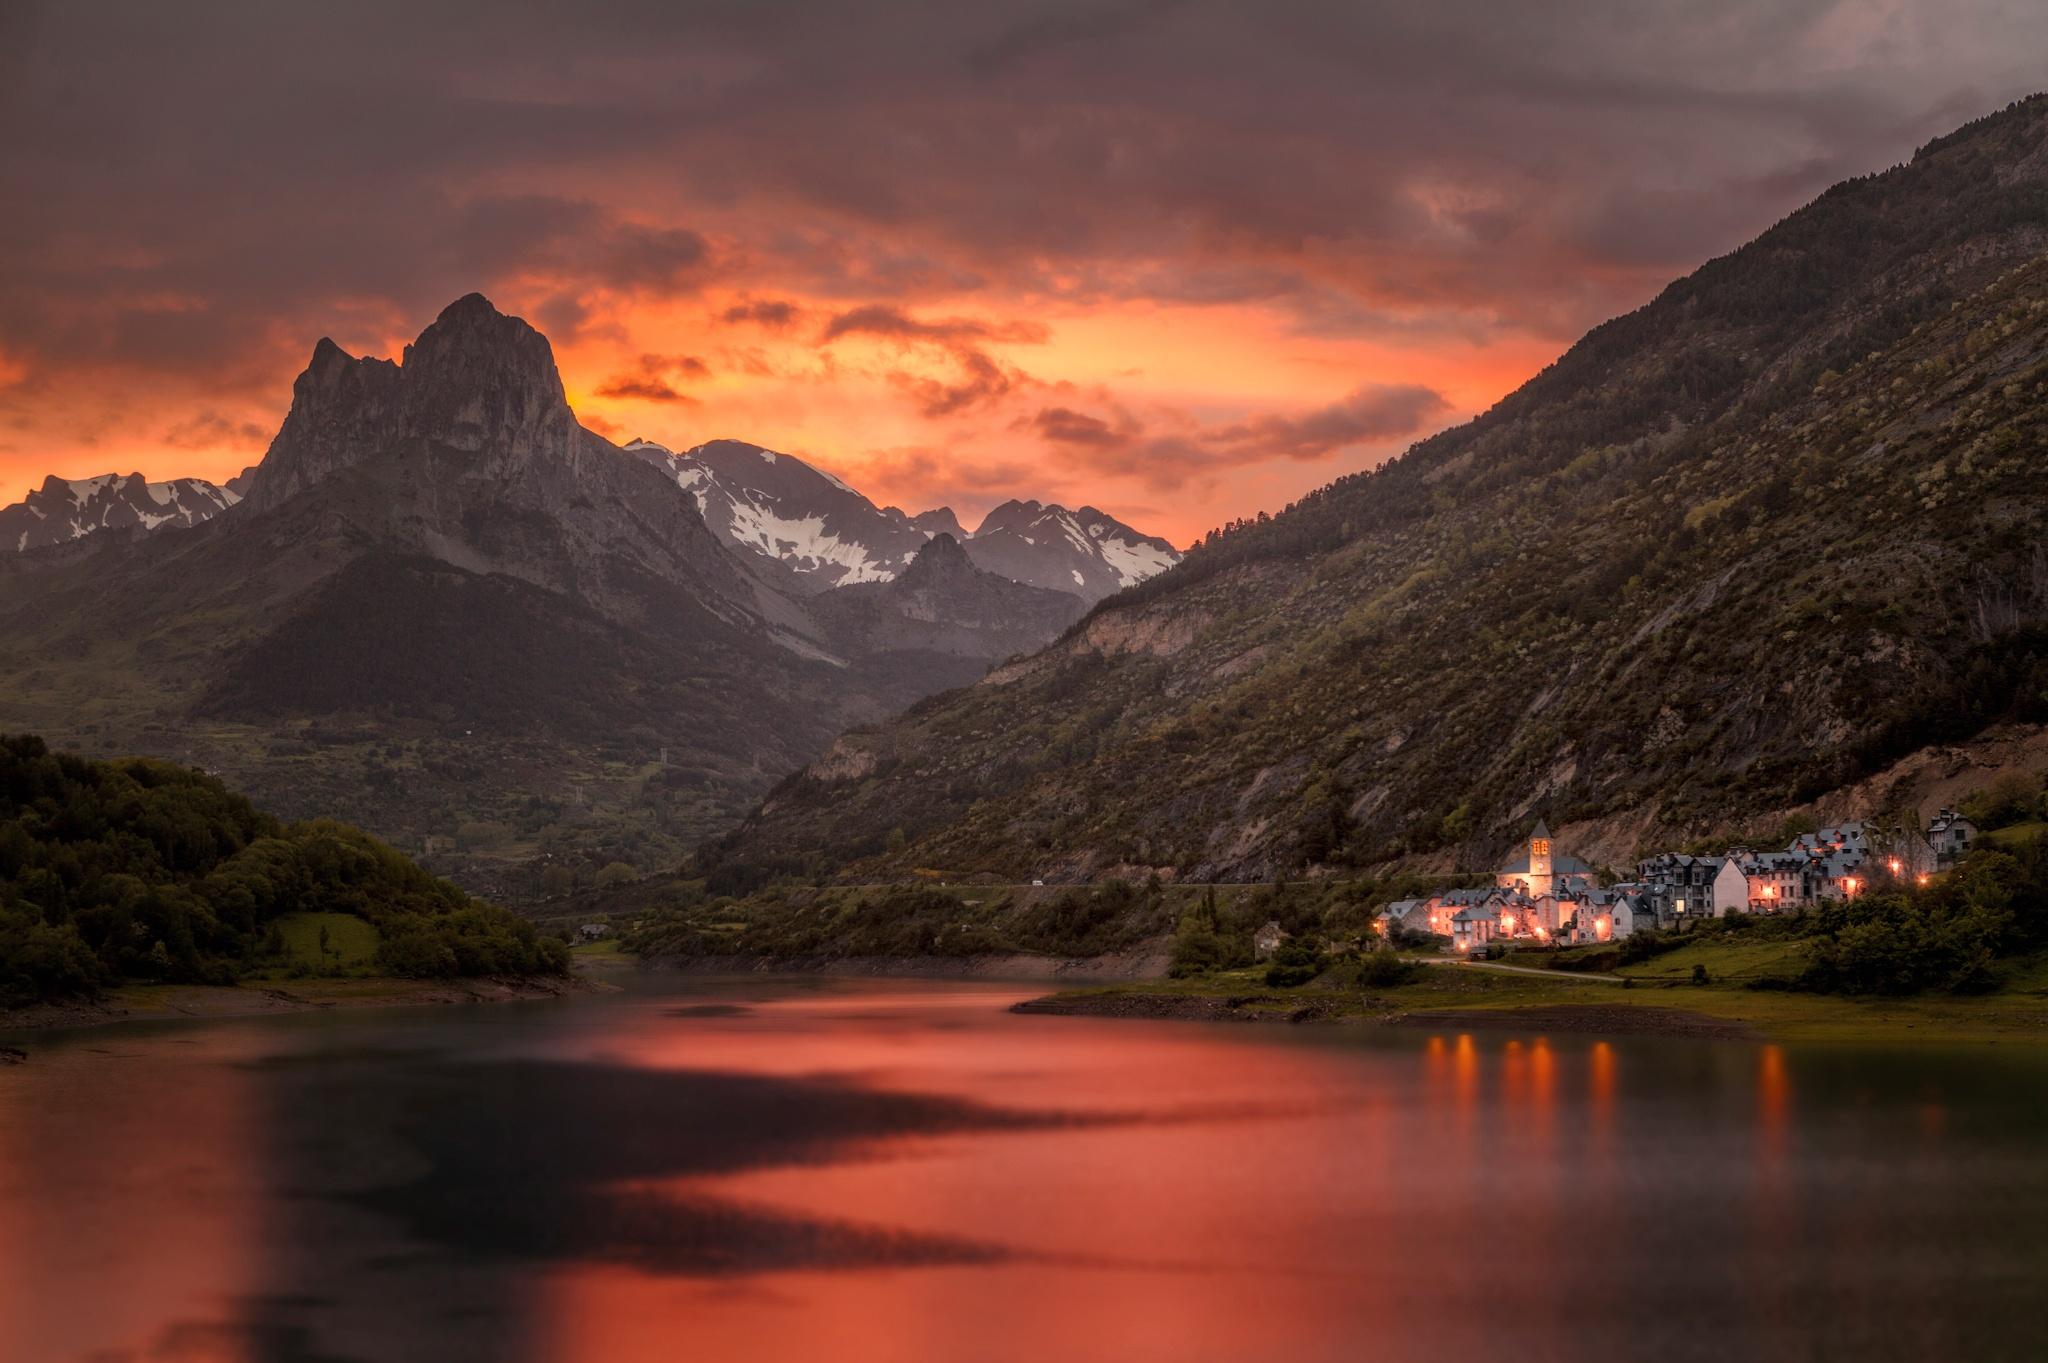 Lanuza y Foratata - Otras montañas - Fotos del Valle del Aragón, Mikel Besga